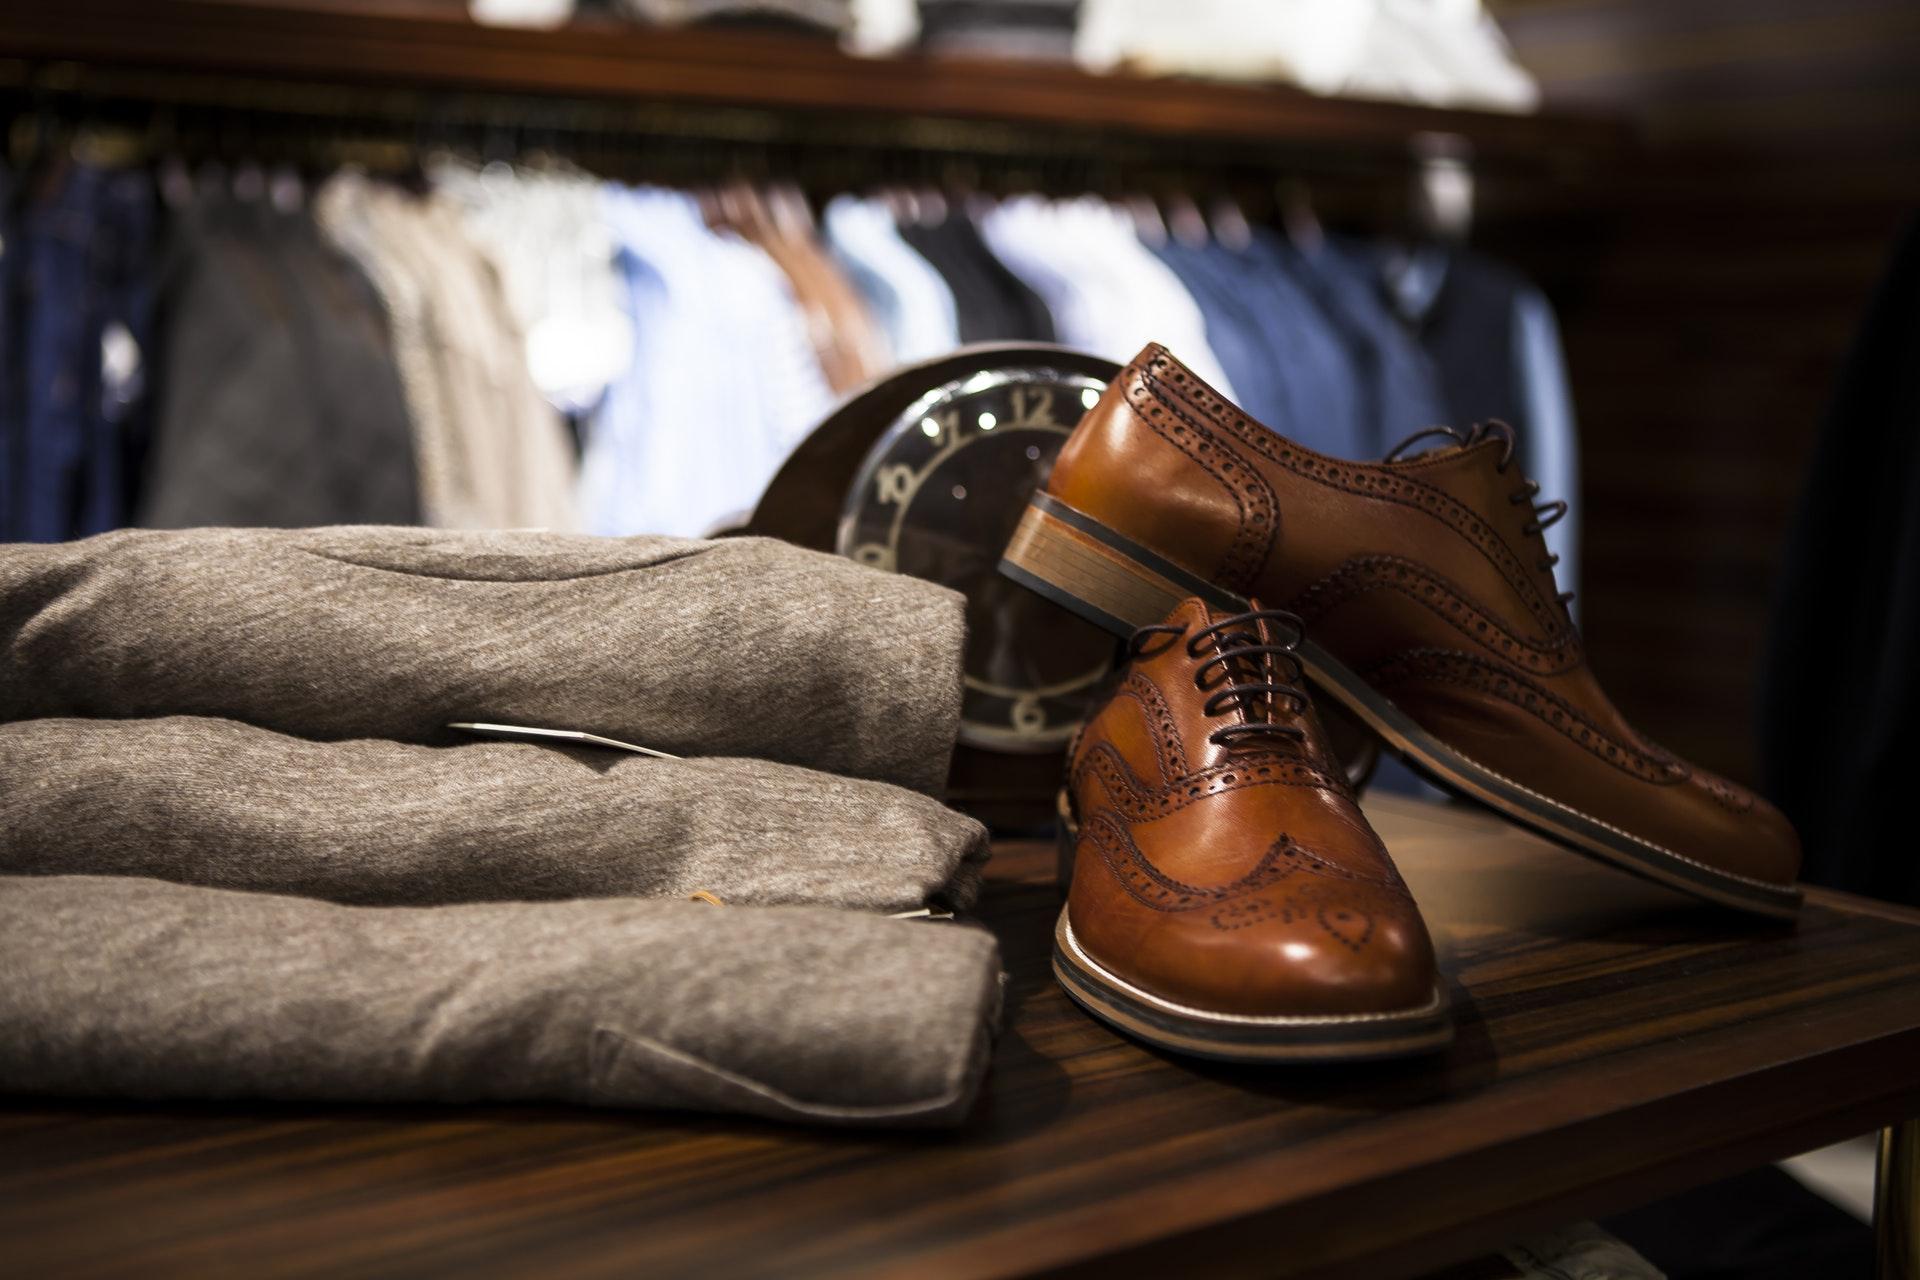 Akcesoria do butów – 3 rzeczy, które musisz mieć